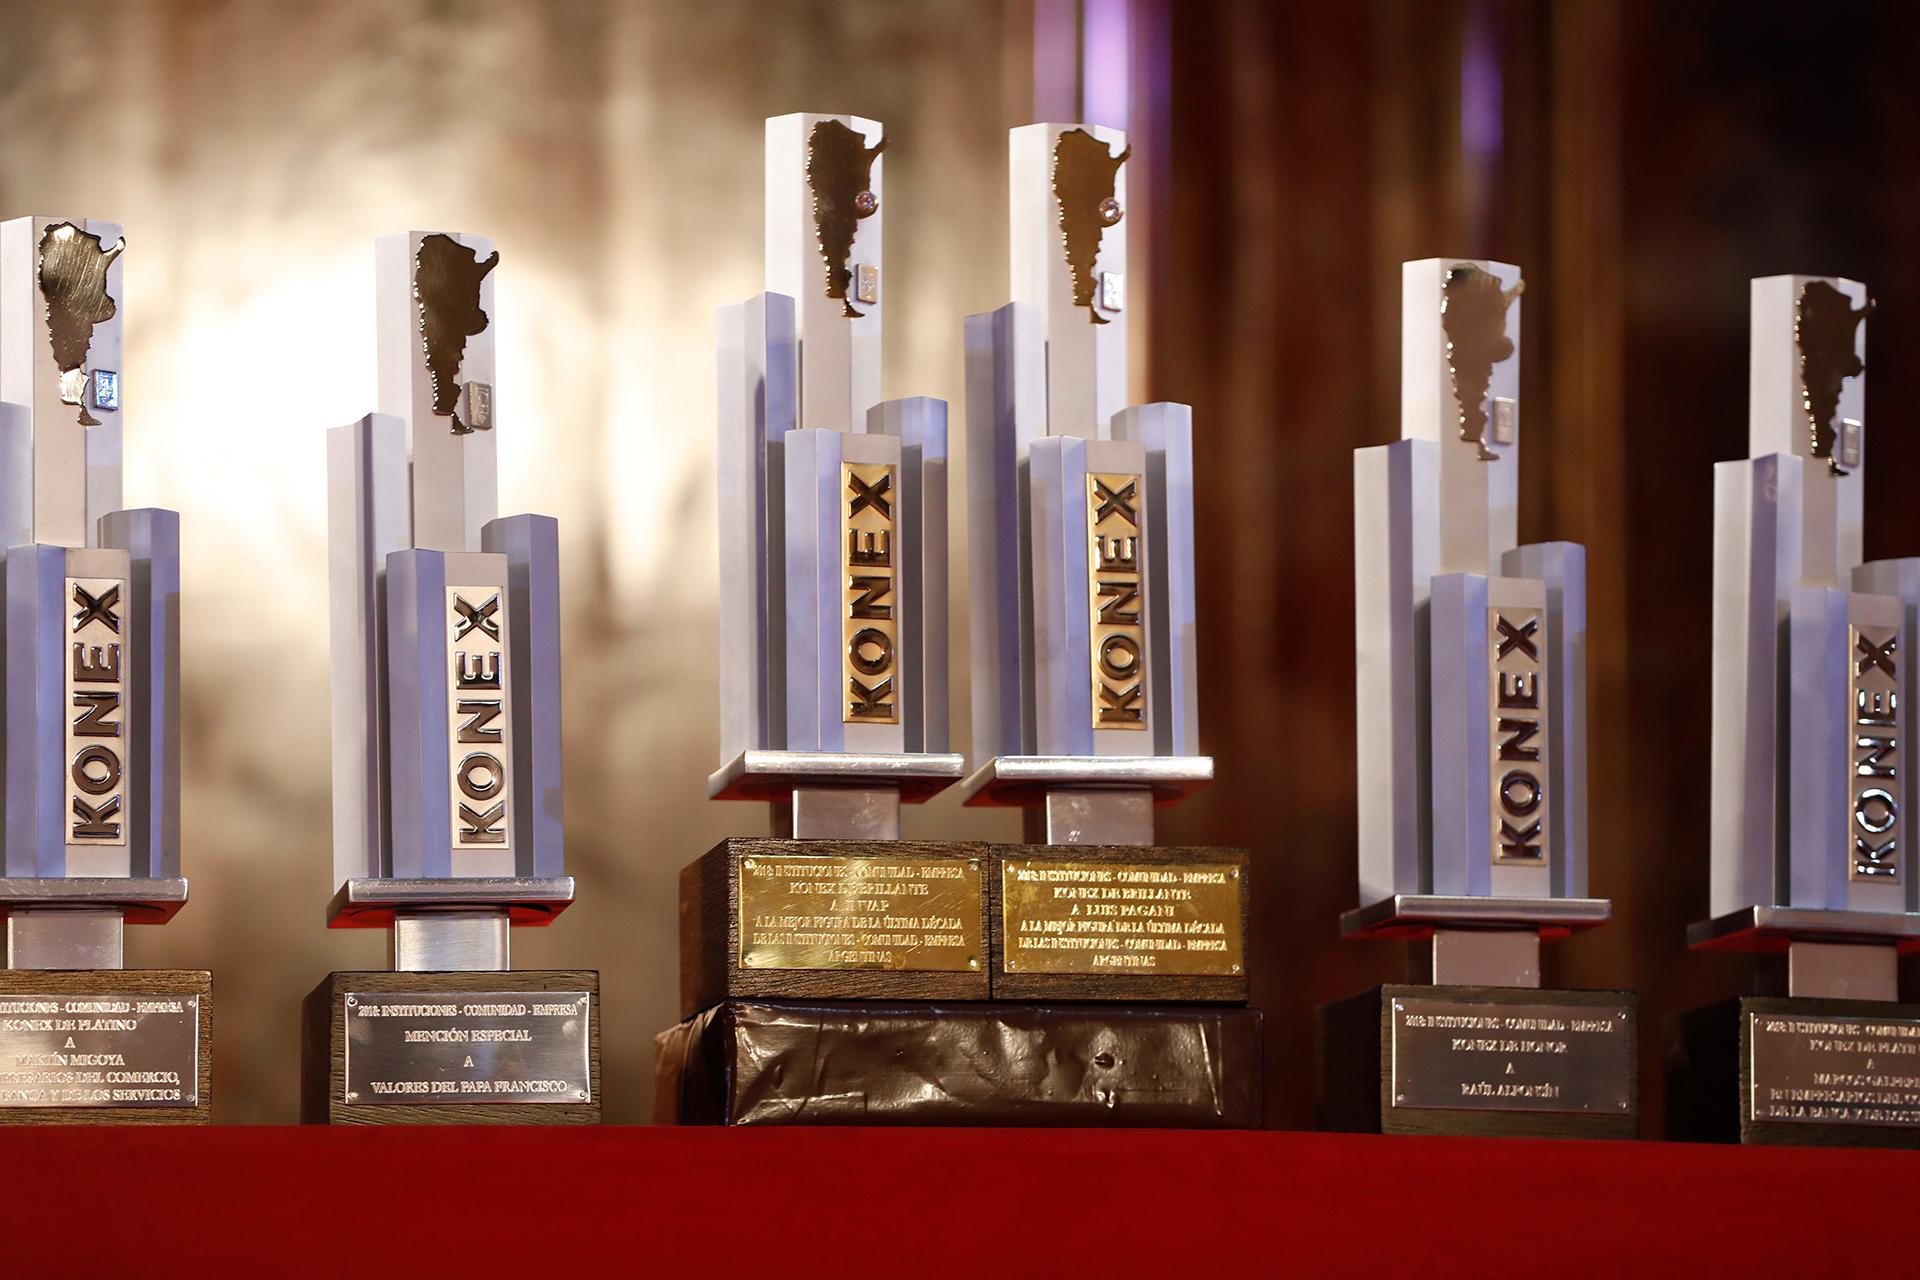 Premios Konex de Platino: las 20 disciplinas consideradas fueron Entidades Culturales / Entidades Educacionales y de Formación Docente / Entidades de Investigación Científica y Tecnológica / Entidades de Salud / Entidades de la Sociedad Civil / Dirigentes, Organizaciones e Iniciativas Sindicales / Empresa y Comunidad / Dirigentes Sociales / Legisladores / Magistrados / Administradores Públicos / Diplomáticos / Empresarios de Agronegocios / Empresarios de la Industria / Empresarios Innovadores / Empresarios del Comercio, de la Banca y de los Servicios / Empresarios PyME / Ejecutivos de la Industria / Ejecutivos del Comercio, de la Banca y de los Servicios / Dirigentes Empresarios